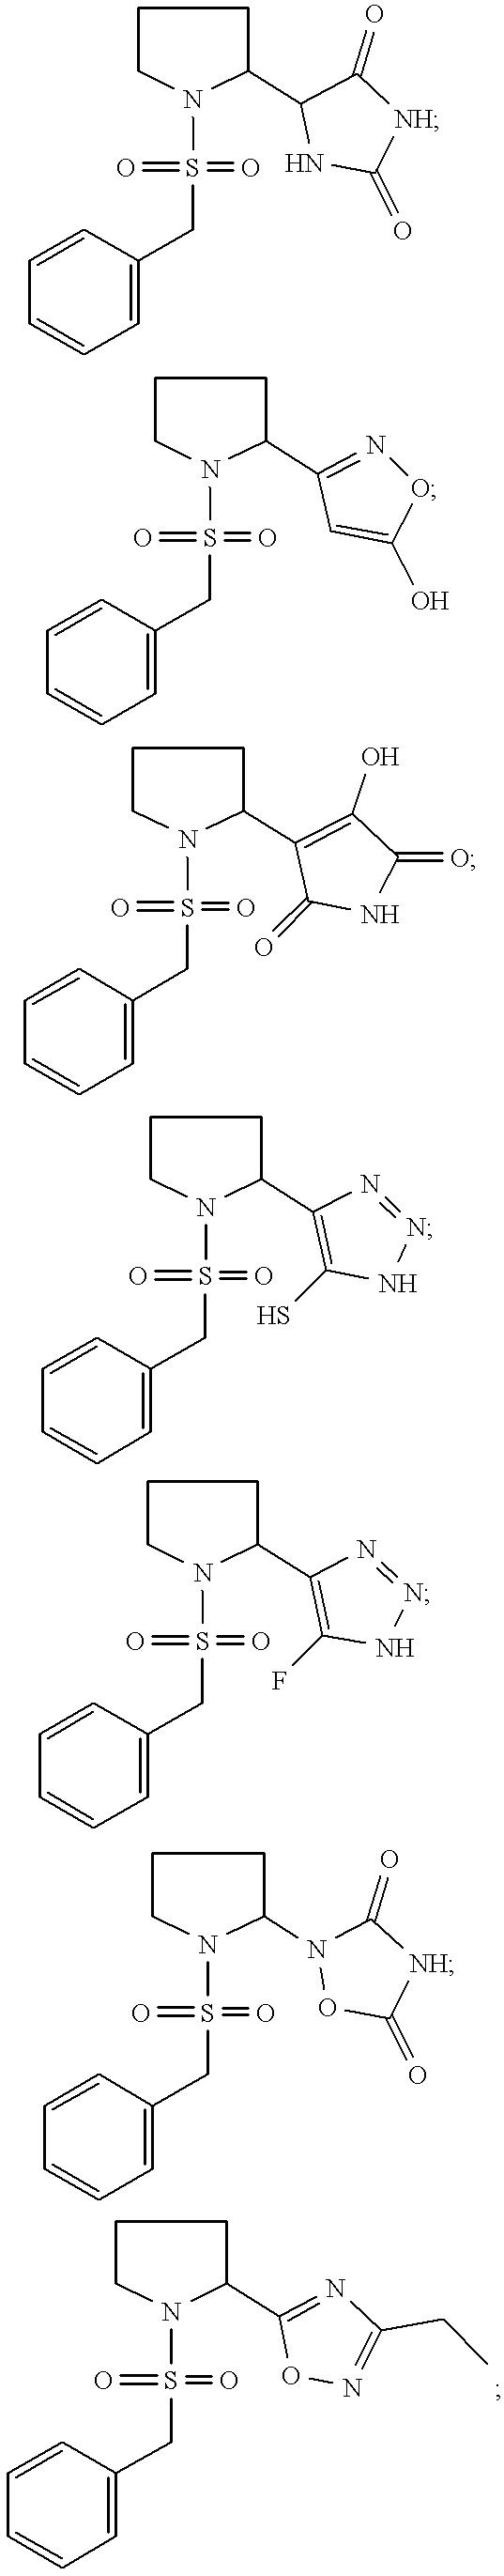 Figure US06339101-20020115-C00054